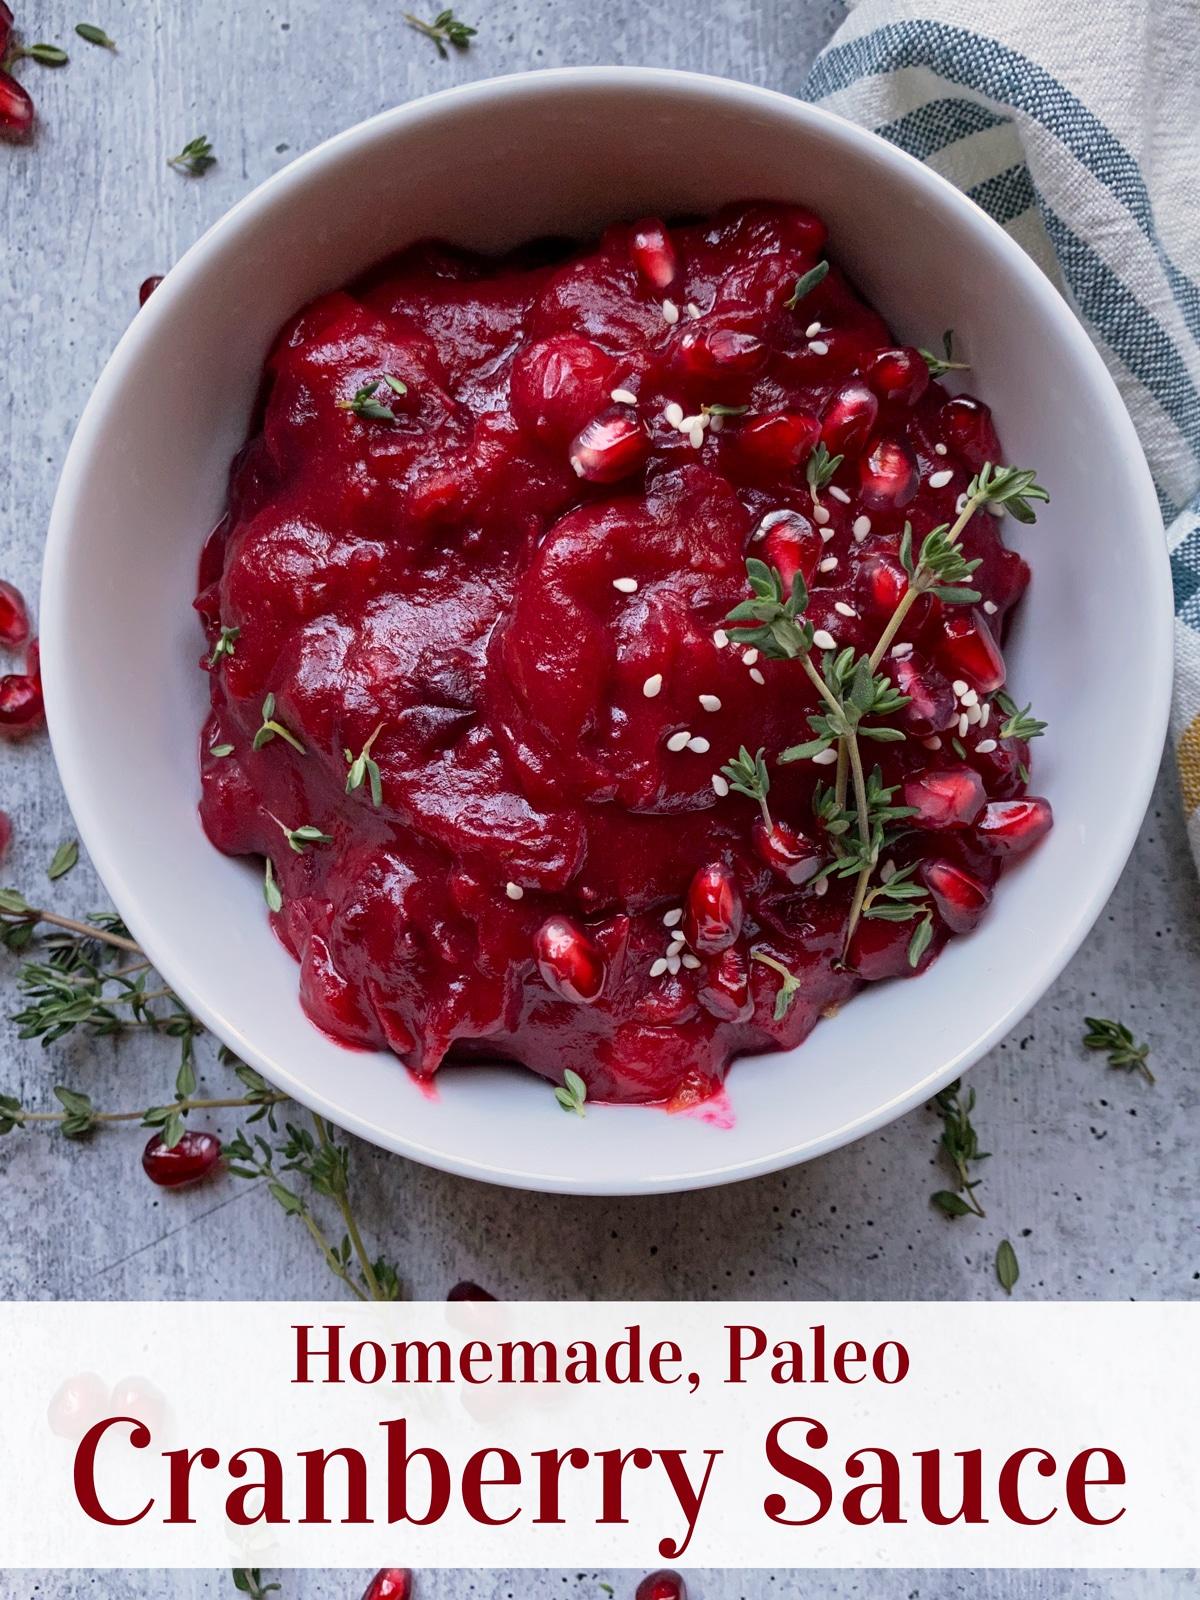 homemade-Paleo-cranberry-sauce-recipe